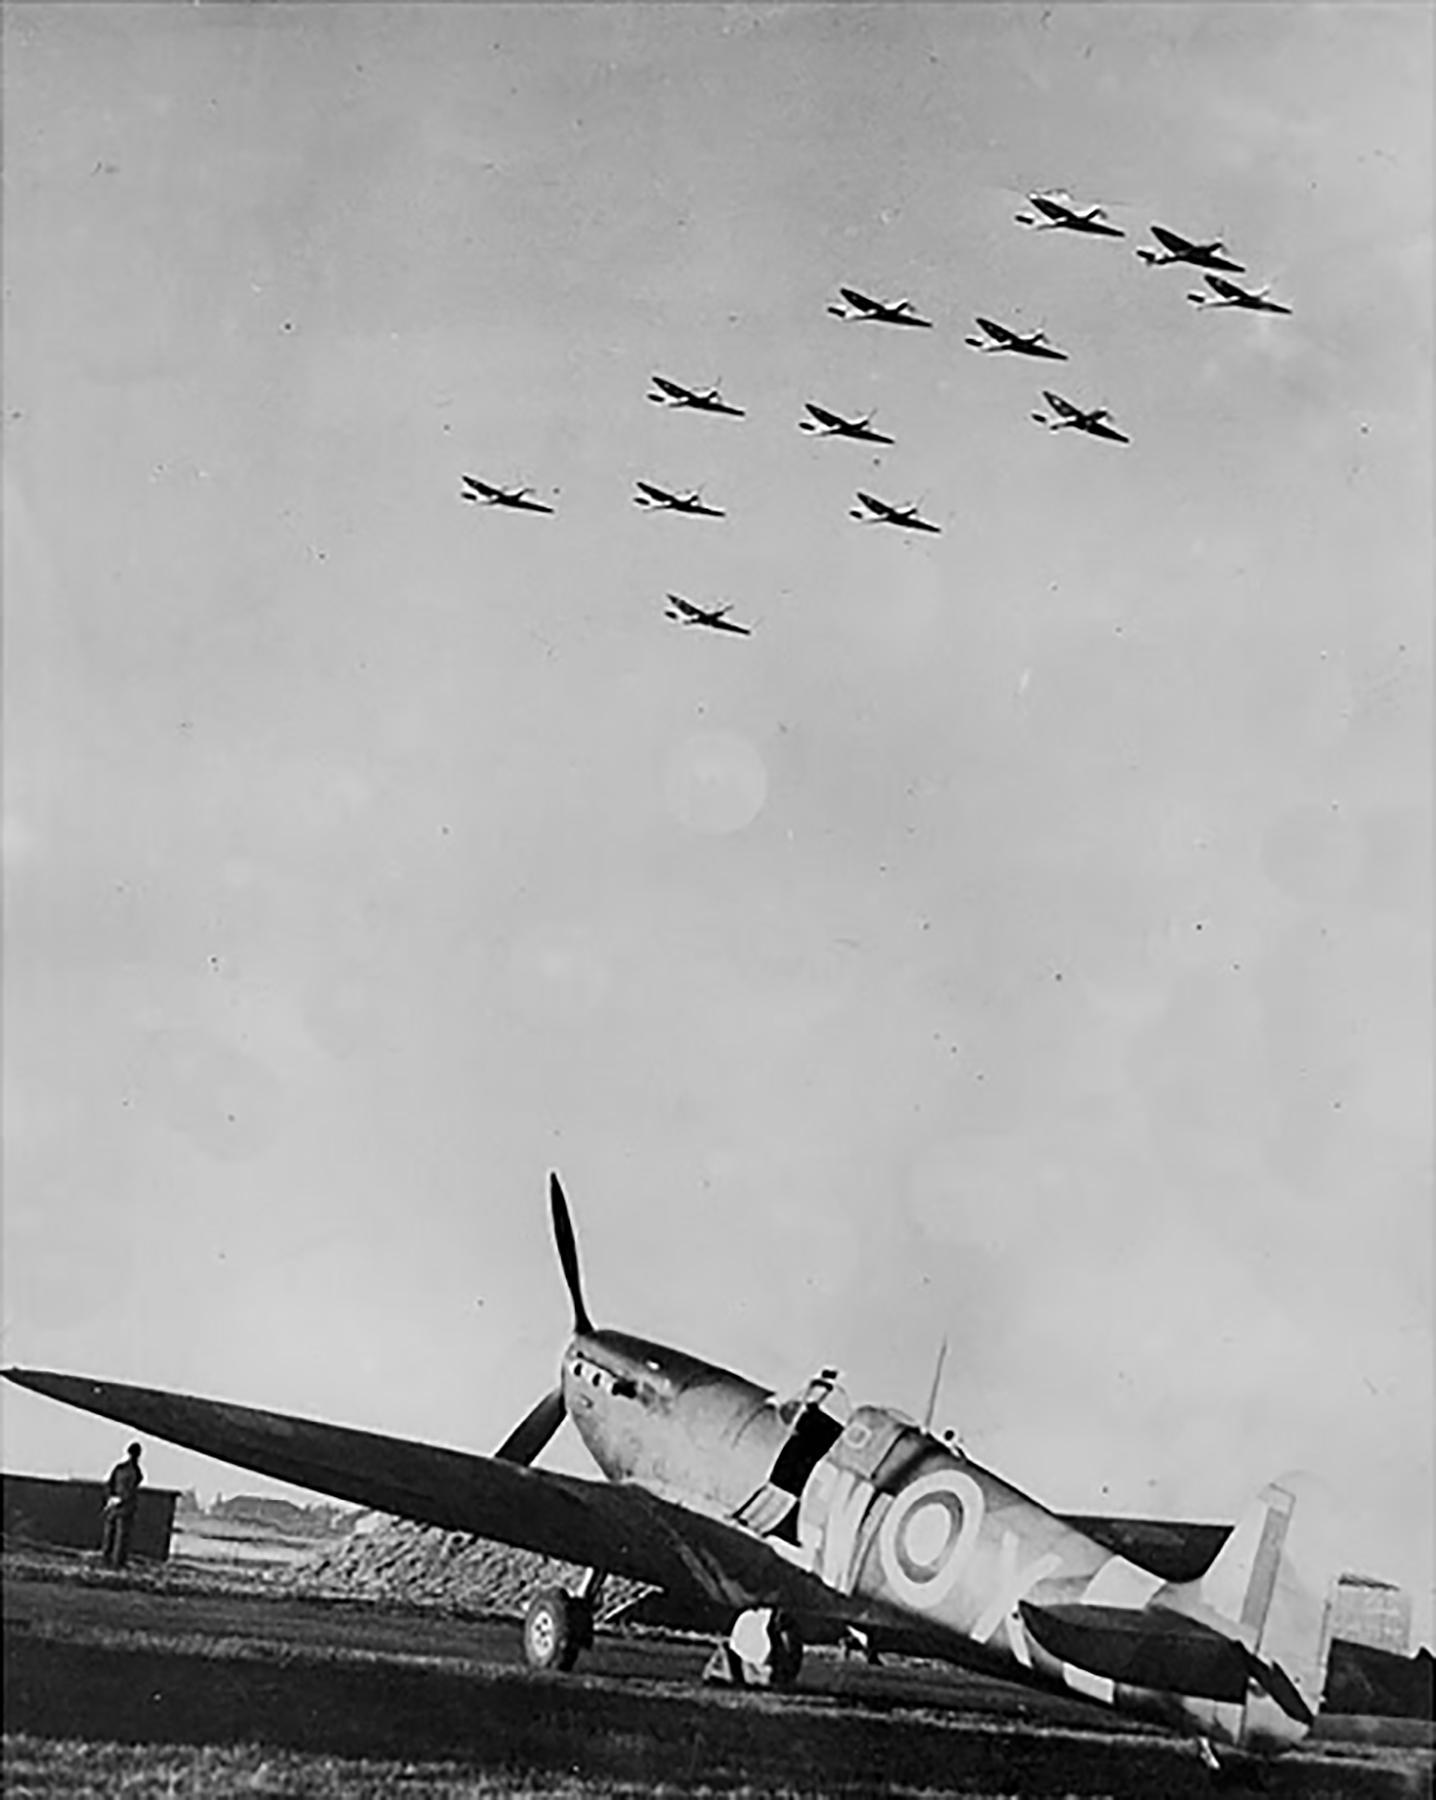 Spitfire MkVb RAF 340Sqn GWX Biggin Hill Oct 1941 01